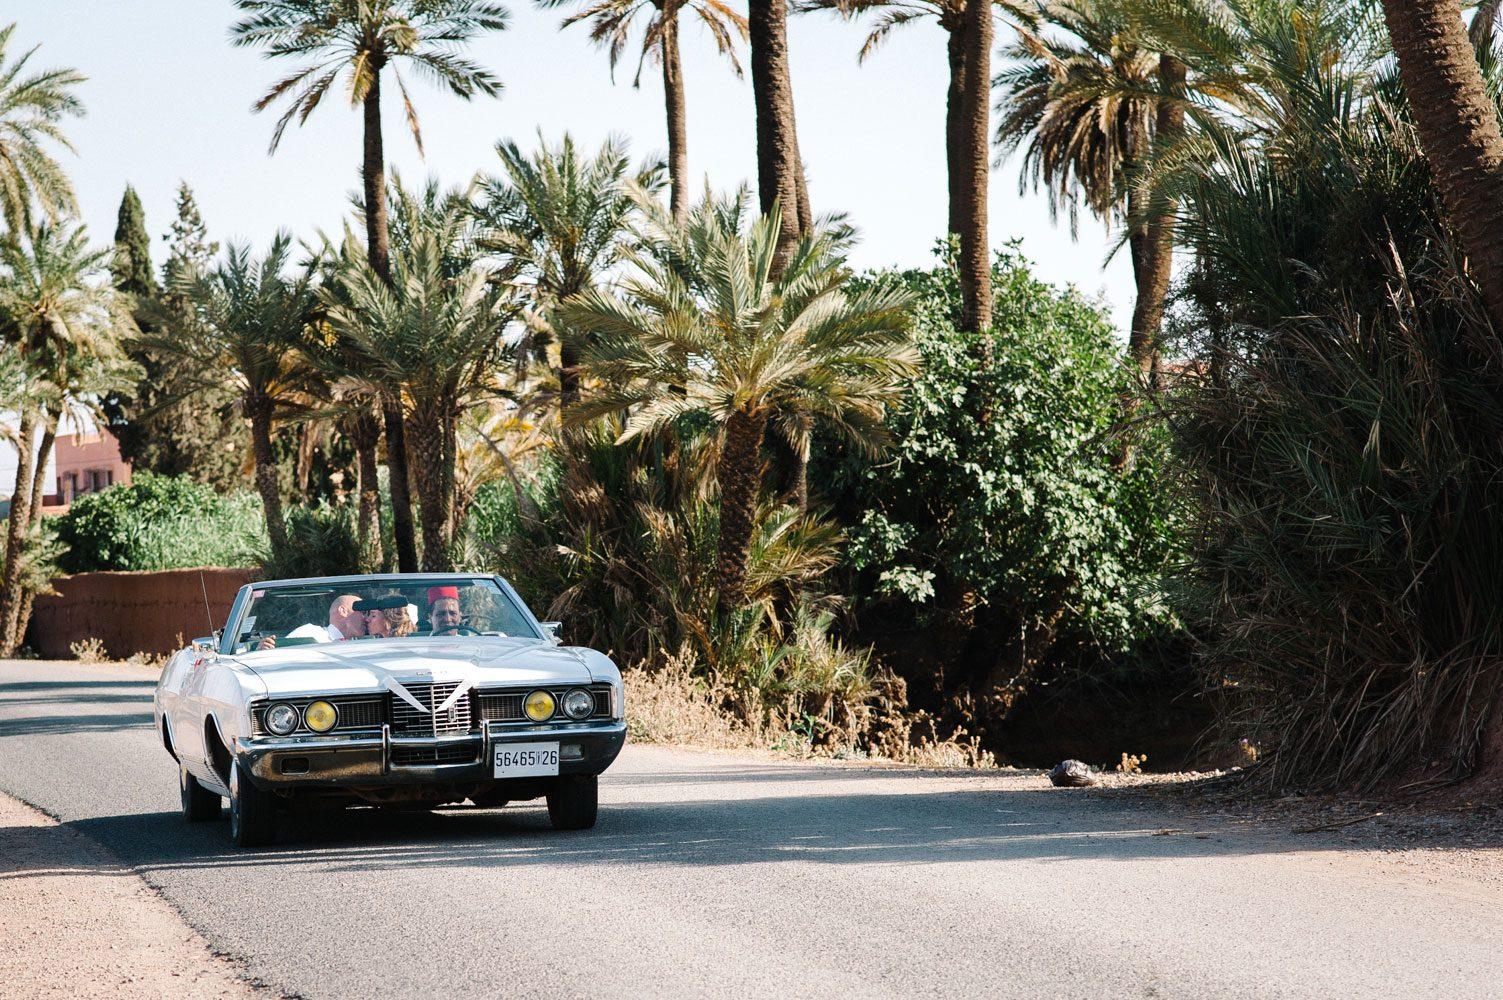 bride and groom arrive in open top car